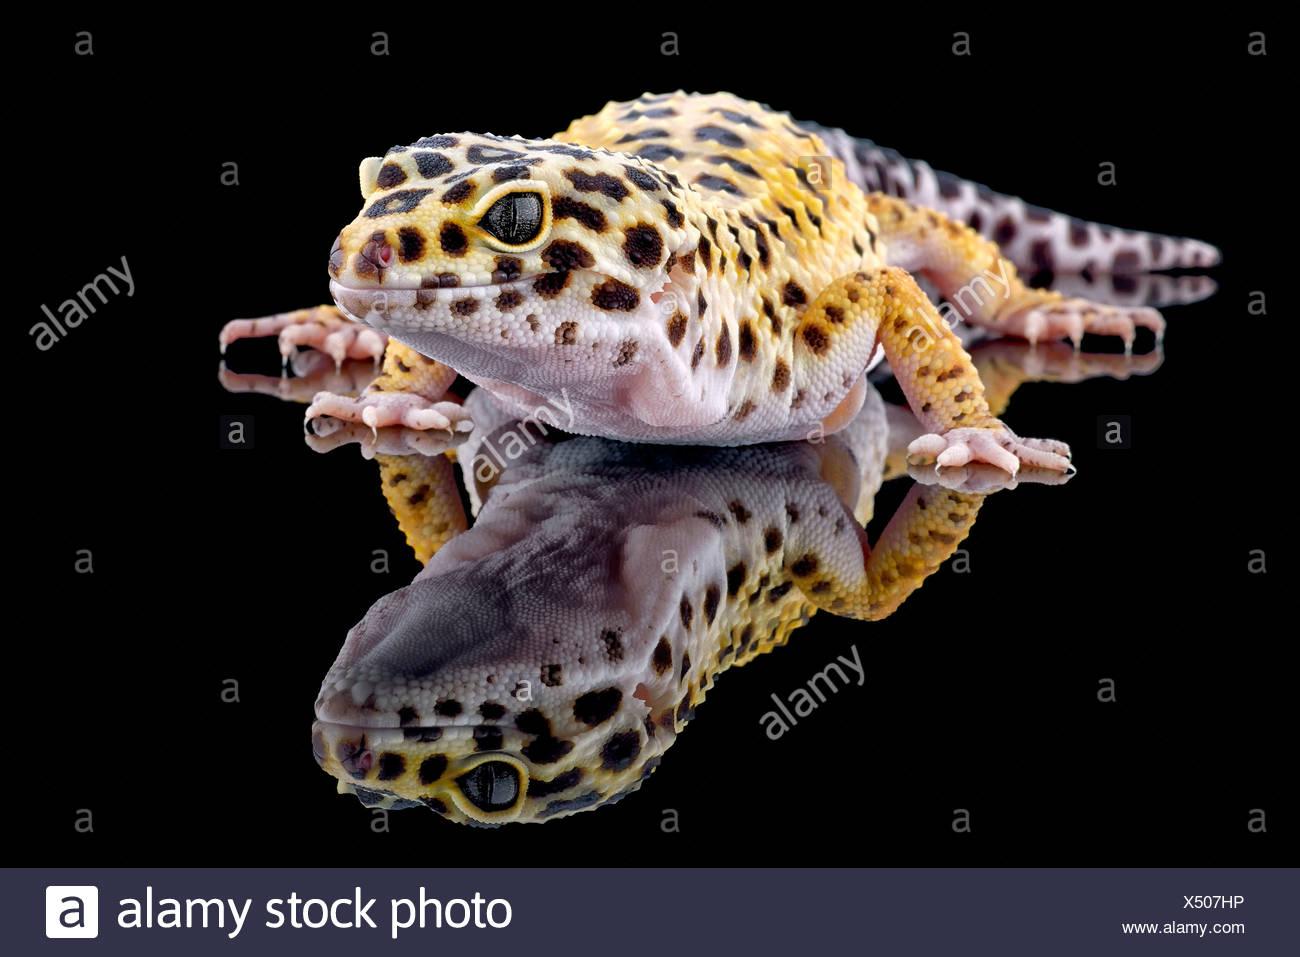 Le gecko léopard, Eublepharis macularius, avec réflexion sur fond noir Photo Stock